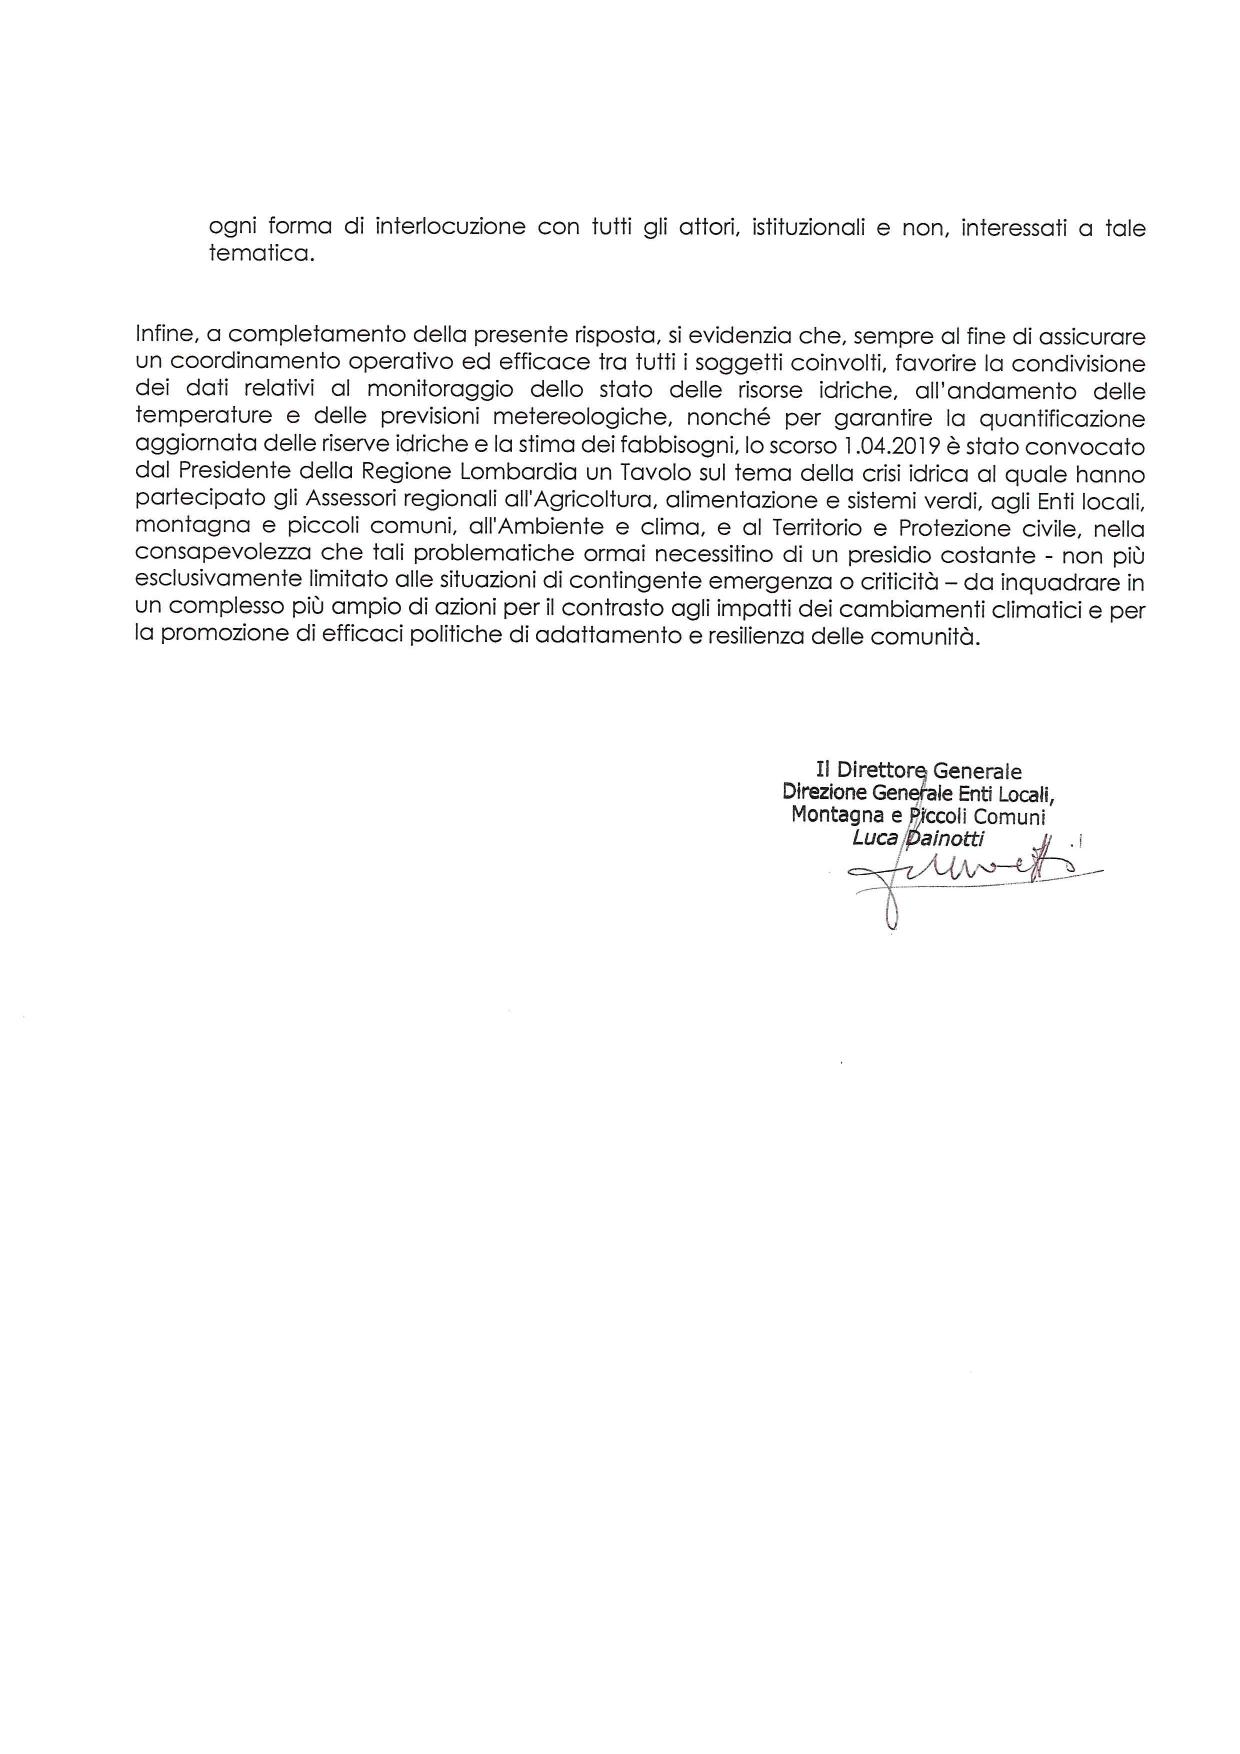 20190718_Risposta ad Alberti Lombardia ITR 2400_page-0002